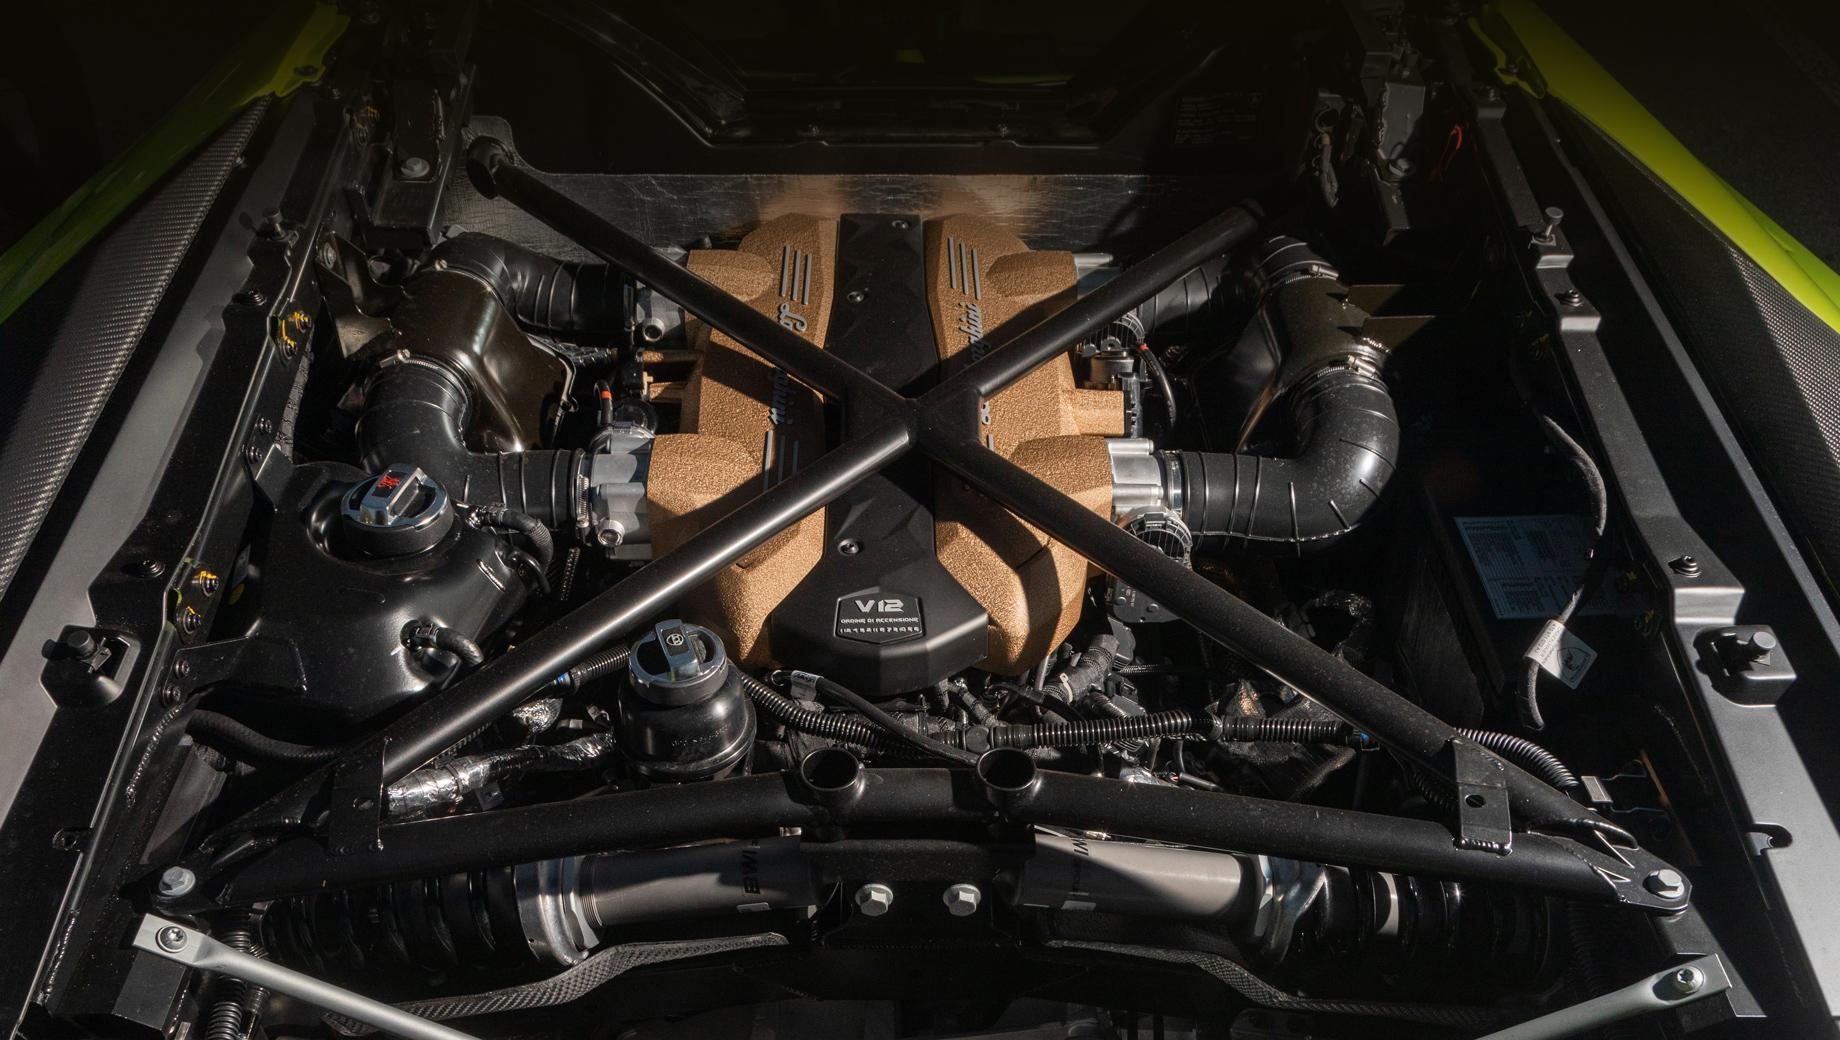 Фирма Lamborghini выпустит в этом году две модели с мотором V12